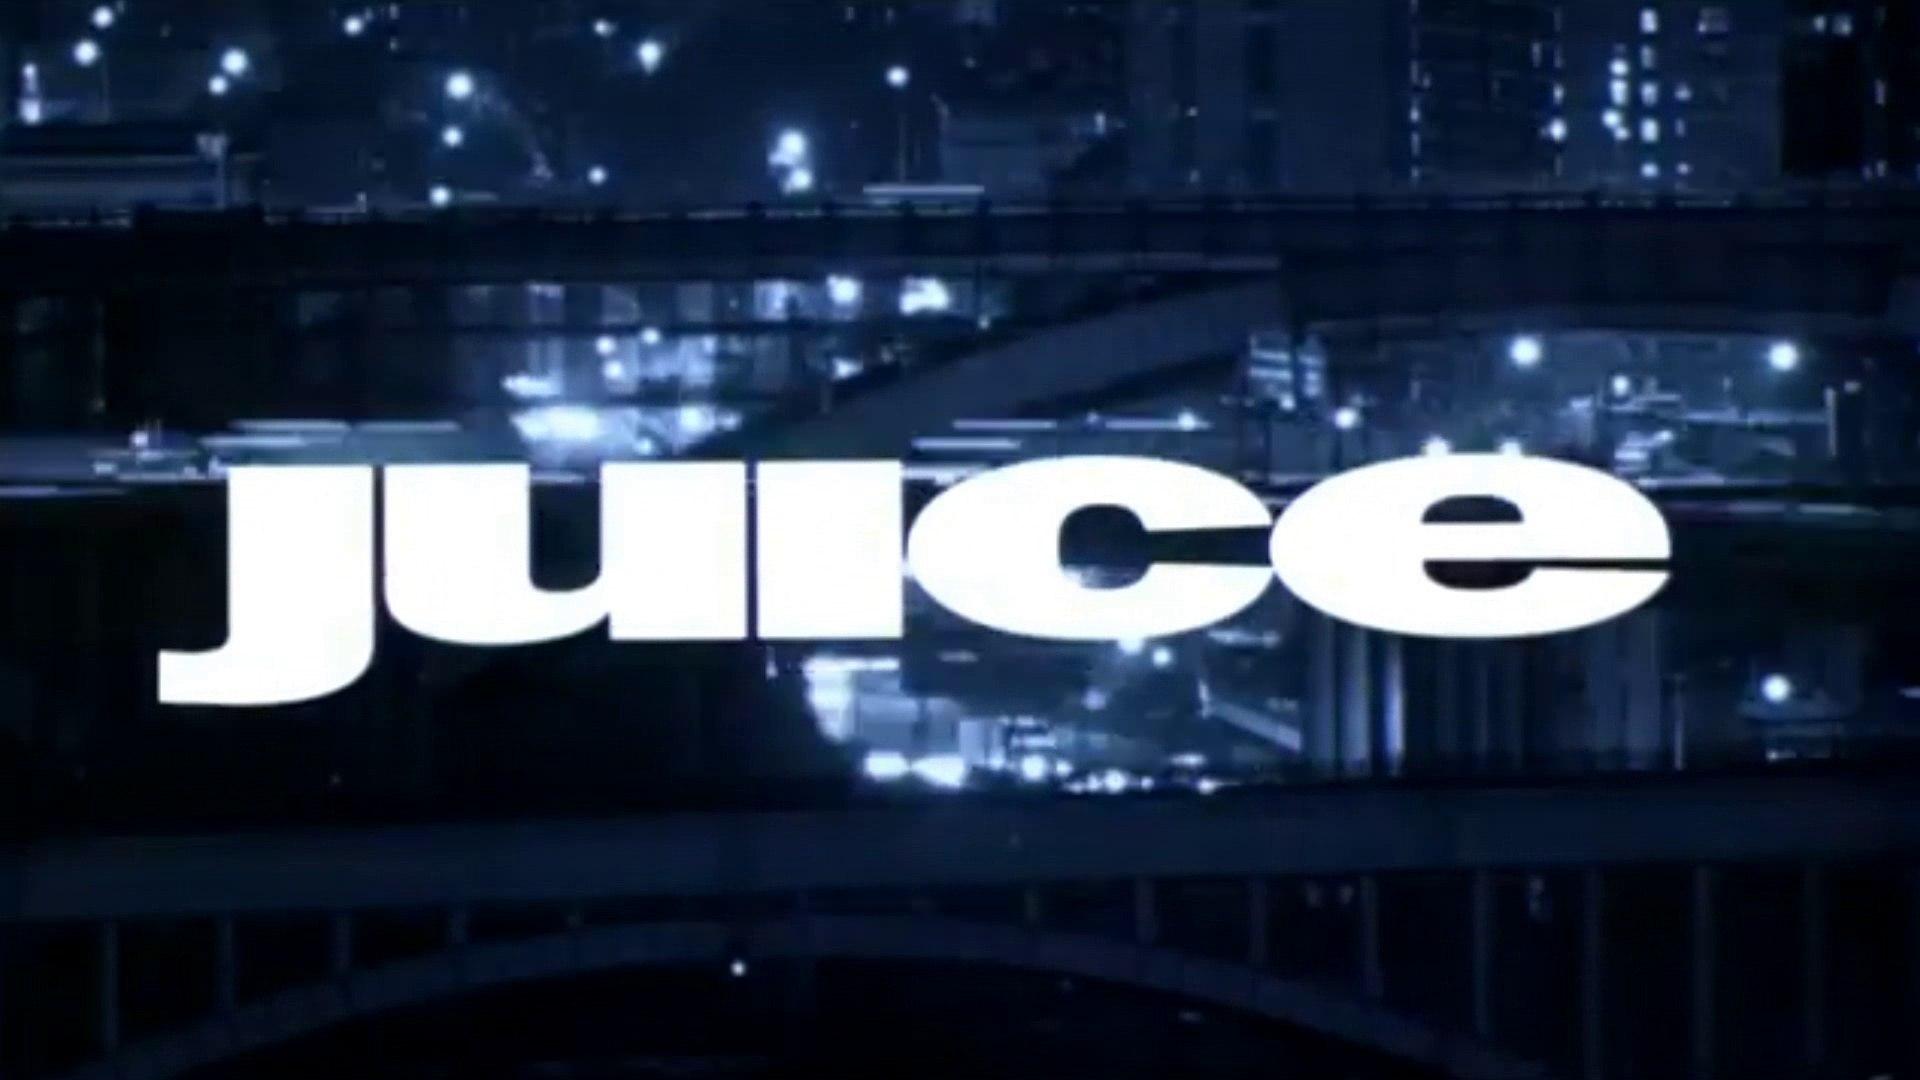 Juice (1992) Trailer